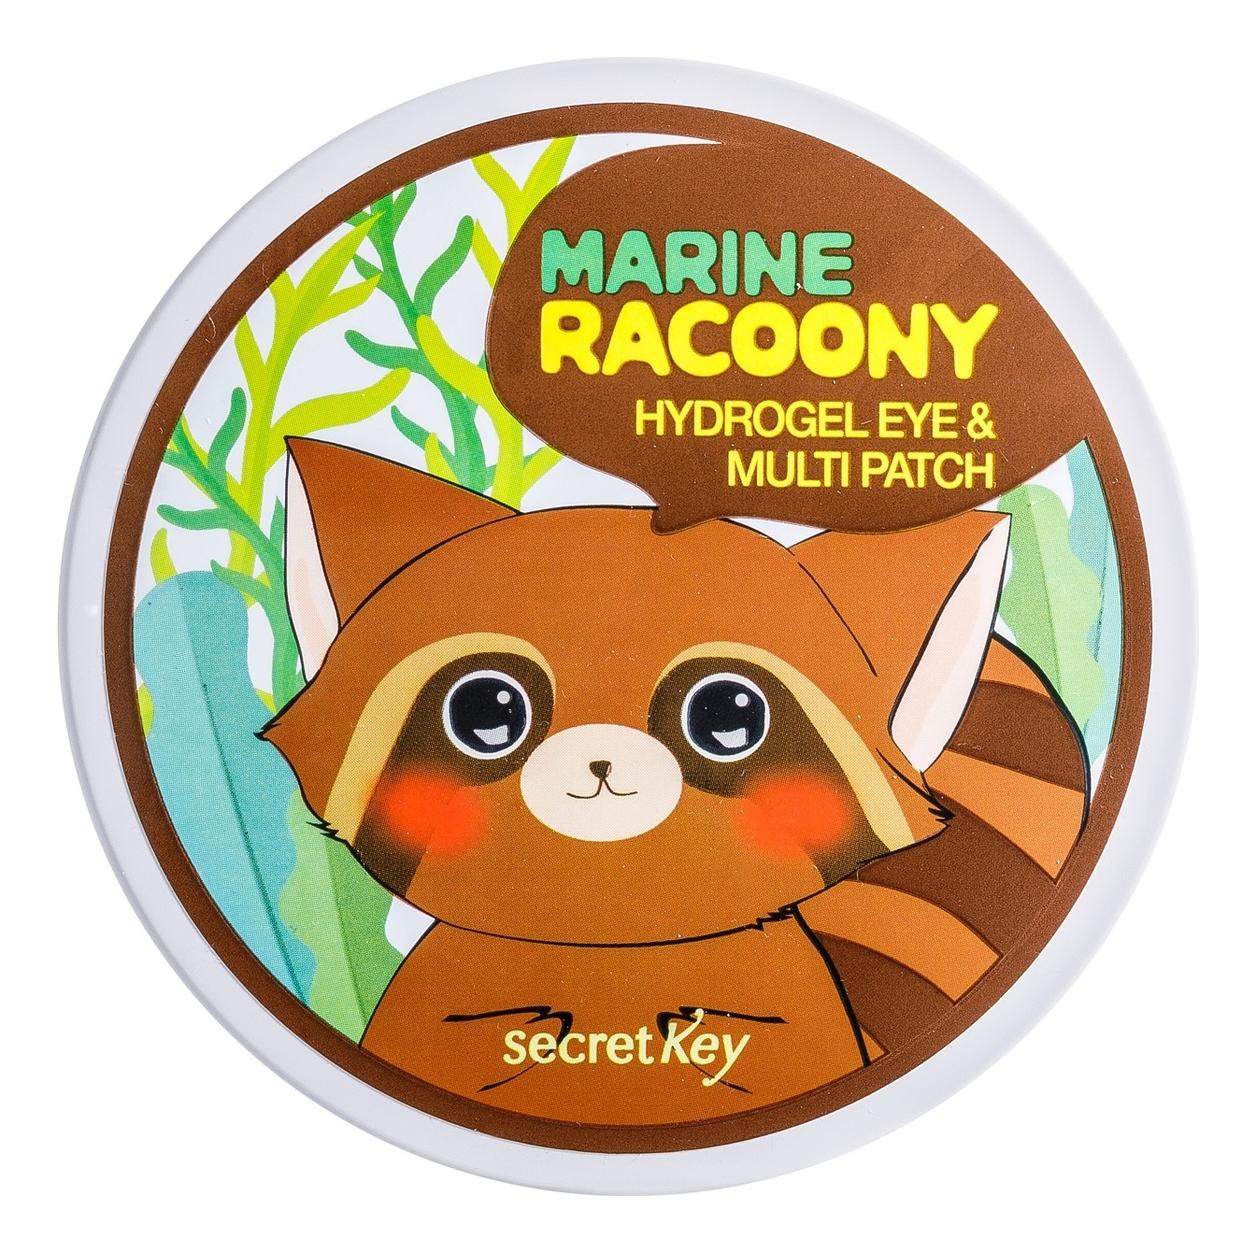 Купить Гидрогелевые патчи для кожи вокруг глаз Marine Racoony Hydrogel Eye & Multi Patch, Гидрогелевые патчи для кожи вокруг глаз Marine Racoony Hydrogel Eye & Multi Patch, Secret Key